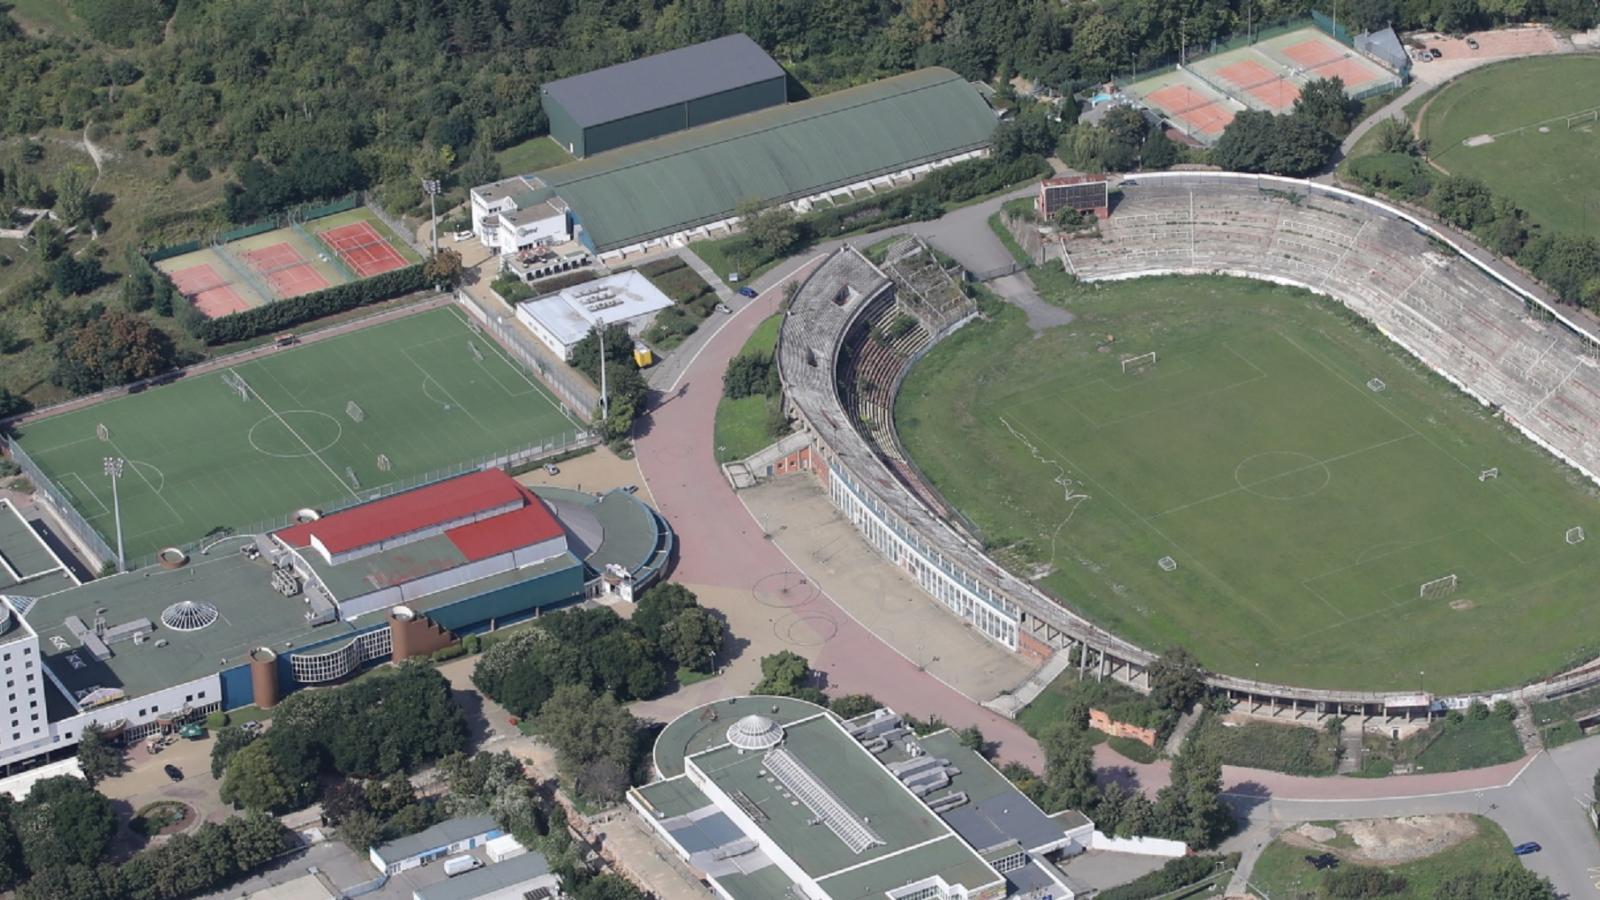 Vyměnit domy za stadion? Brno řeší Lužánky